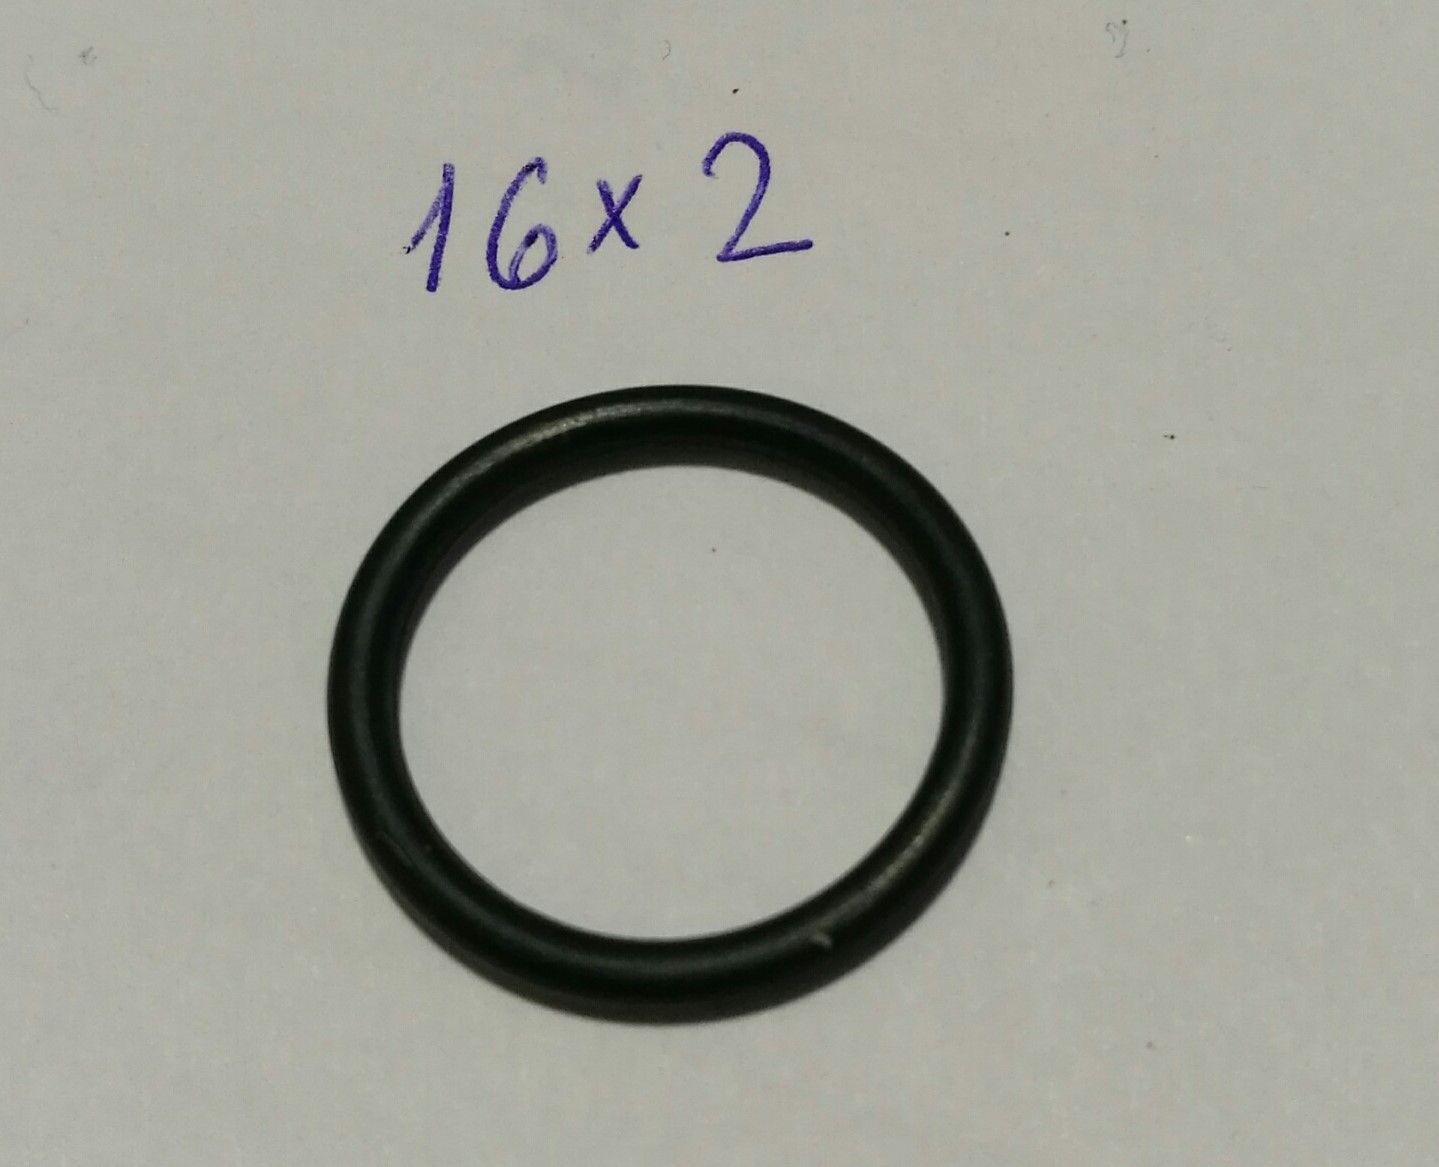 Webasto O kroužek 16 x 2 - 443115